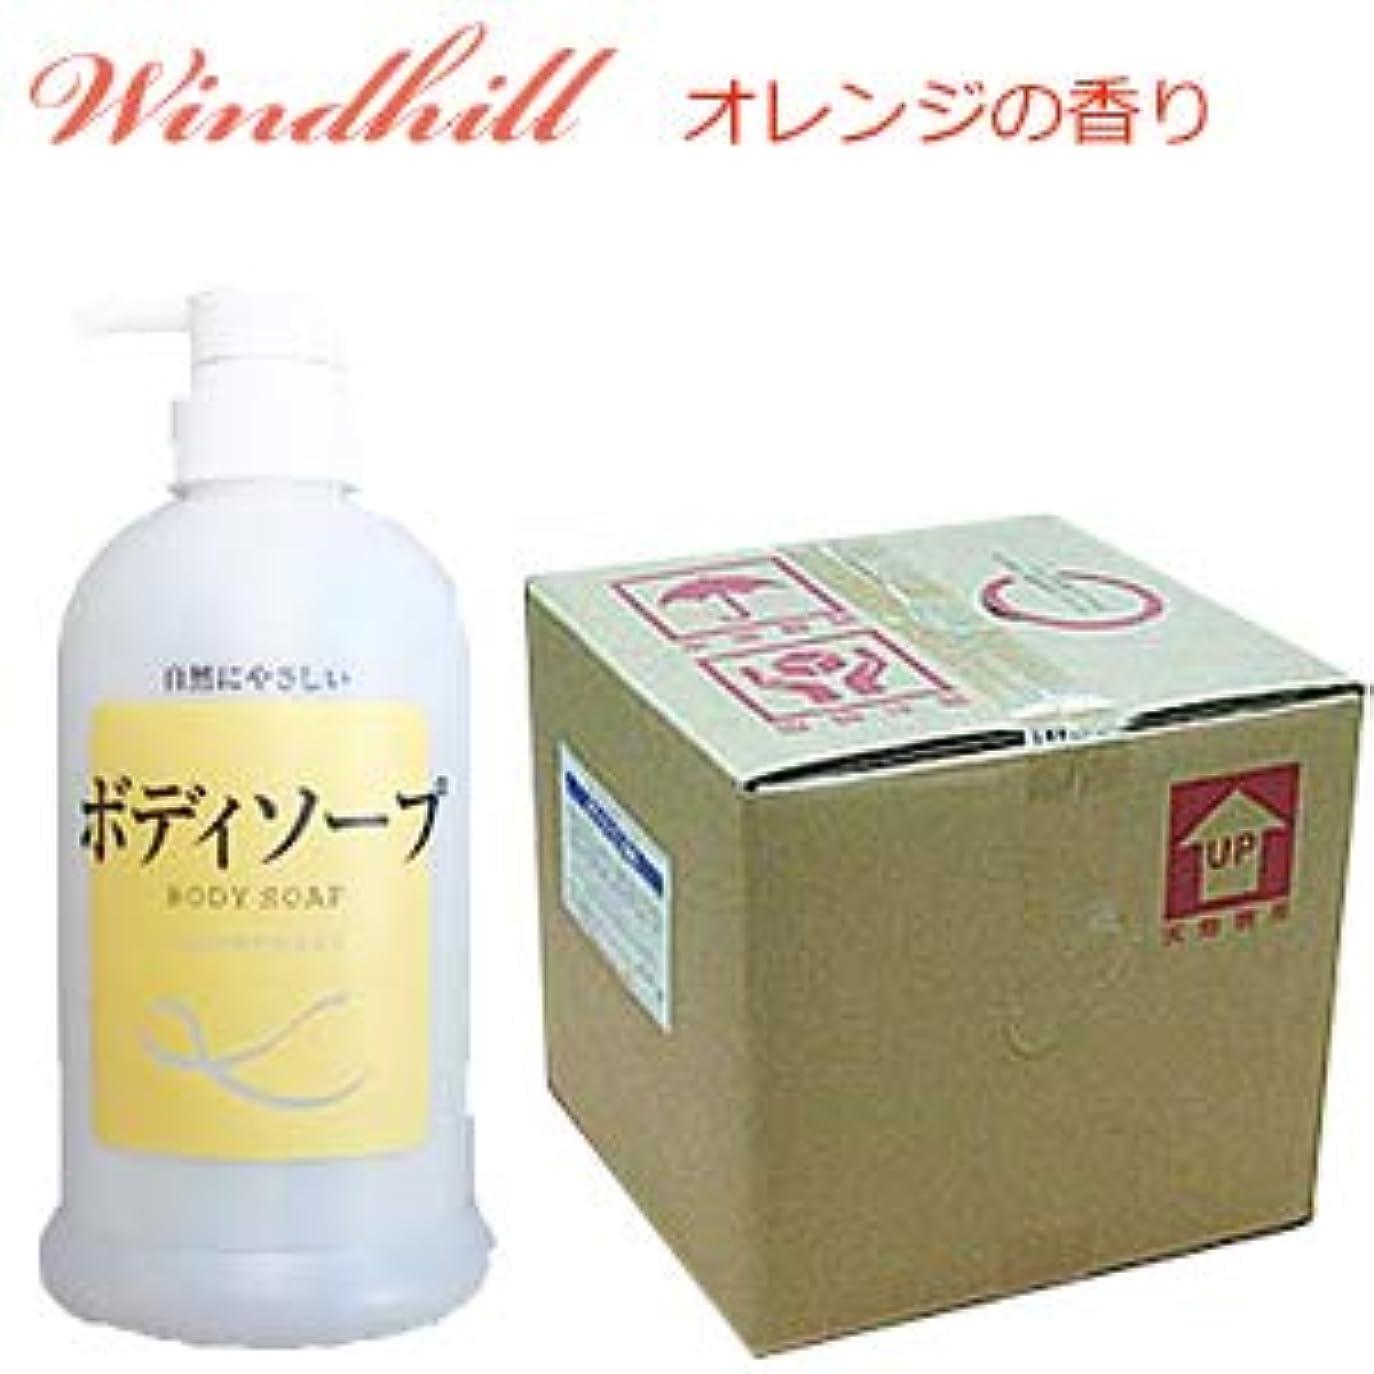 深遠かわいらしい理論Windhill 植物性 業務用ボディソープオレンジの香り 20L(1セット20L入)